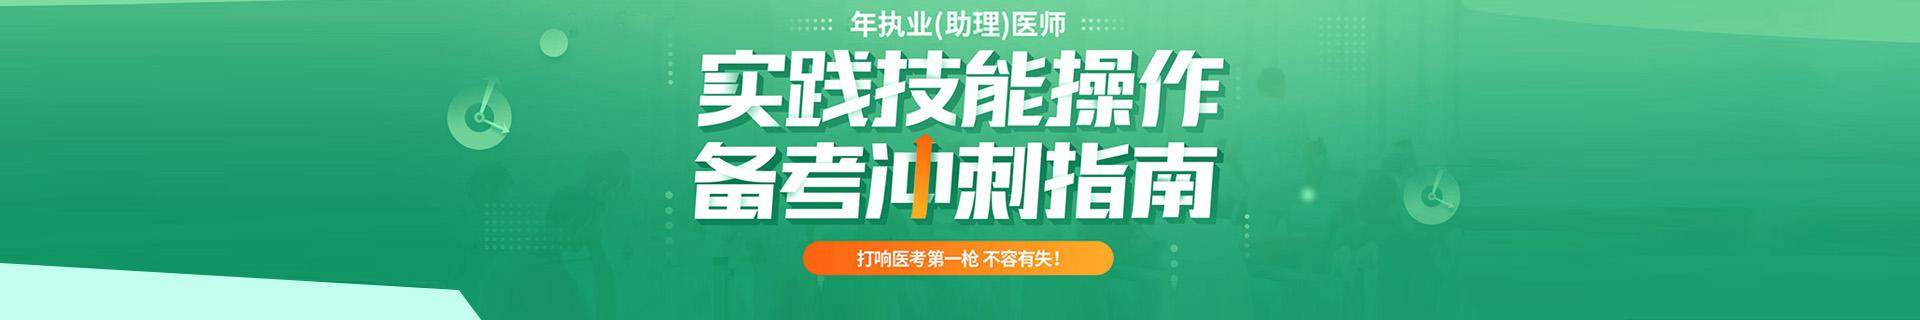 江西宜春优路教育培训学校